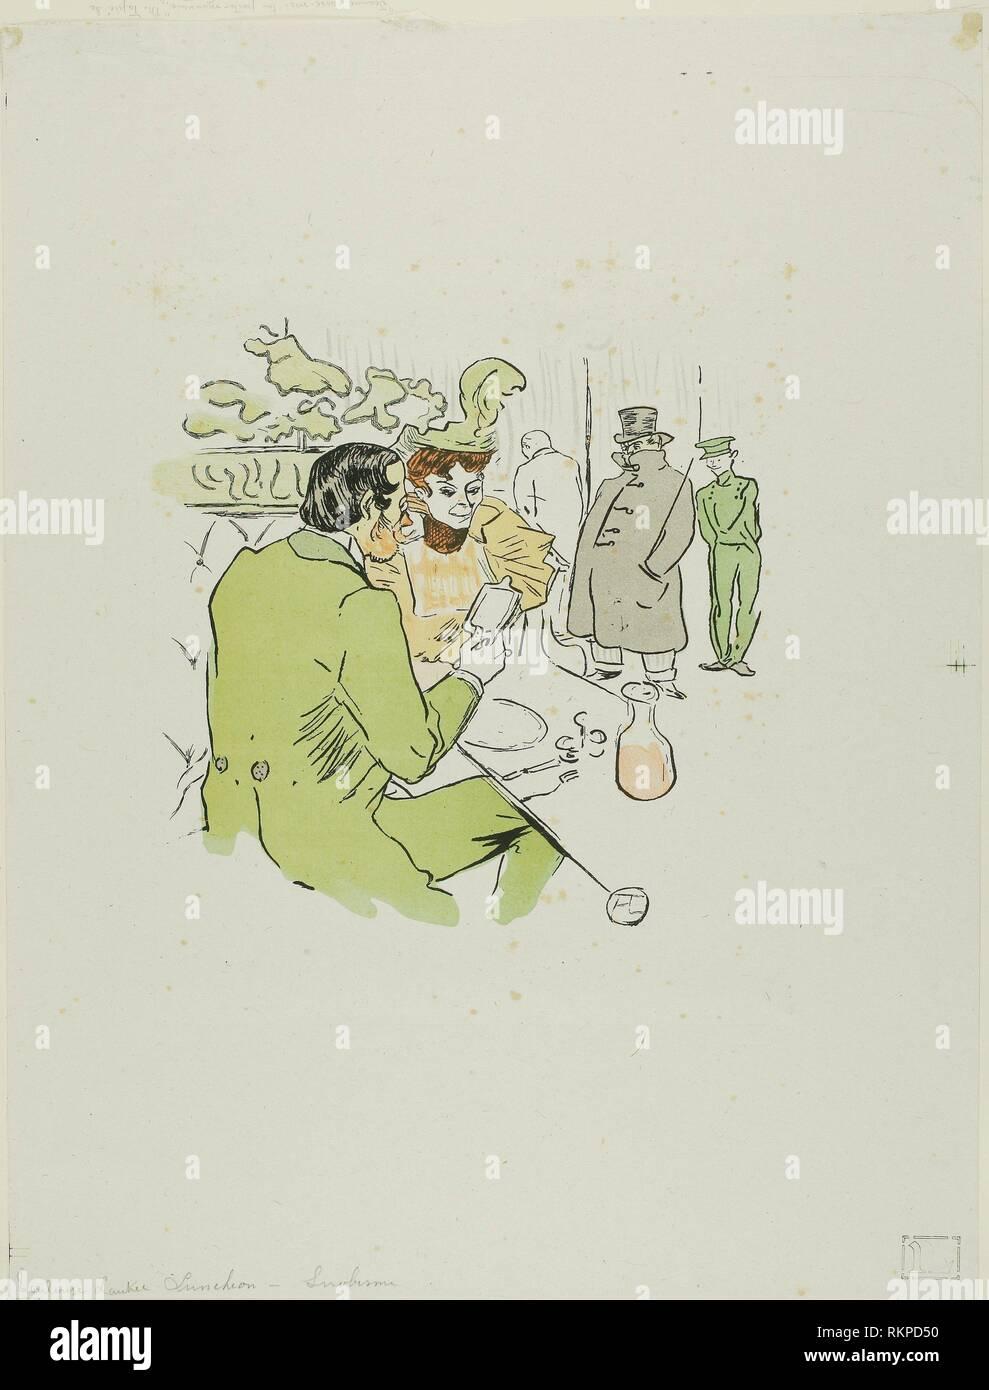 Snobbery - published April 24, 1897 - after Henri de Toulouse-Lautrec French, 1864-1901 - Artist: Henri de Toulouse-Lautrec, Origin: France, Date: - Stock Image